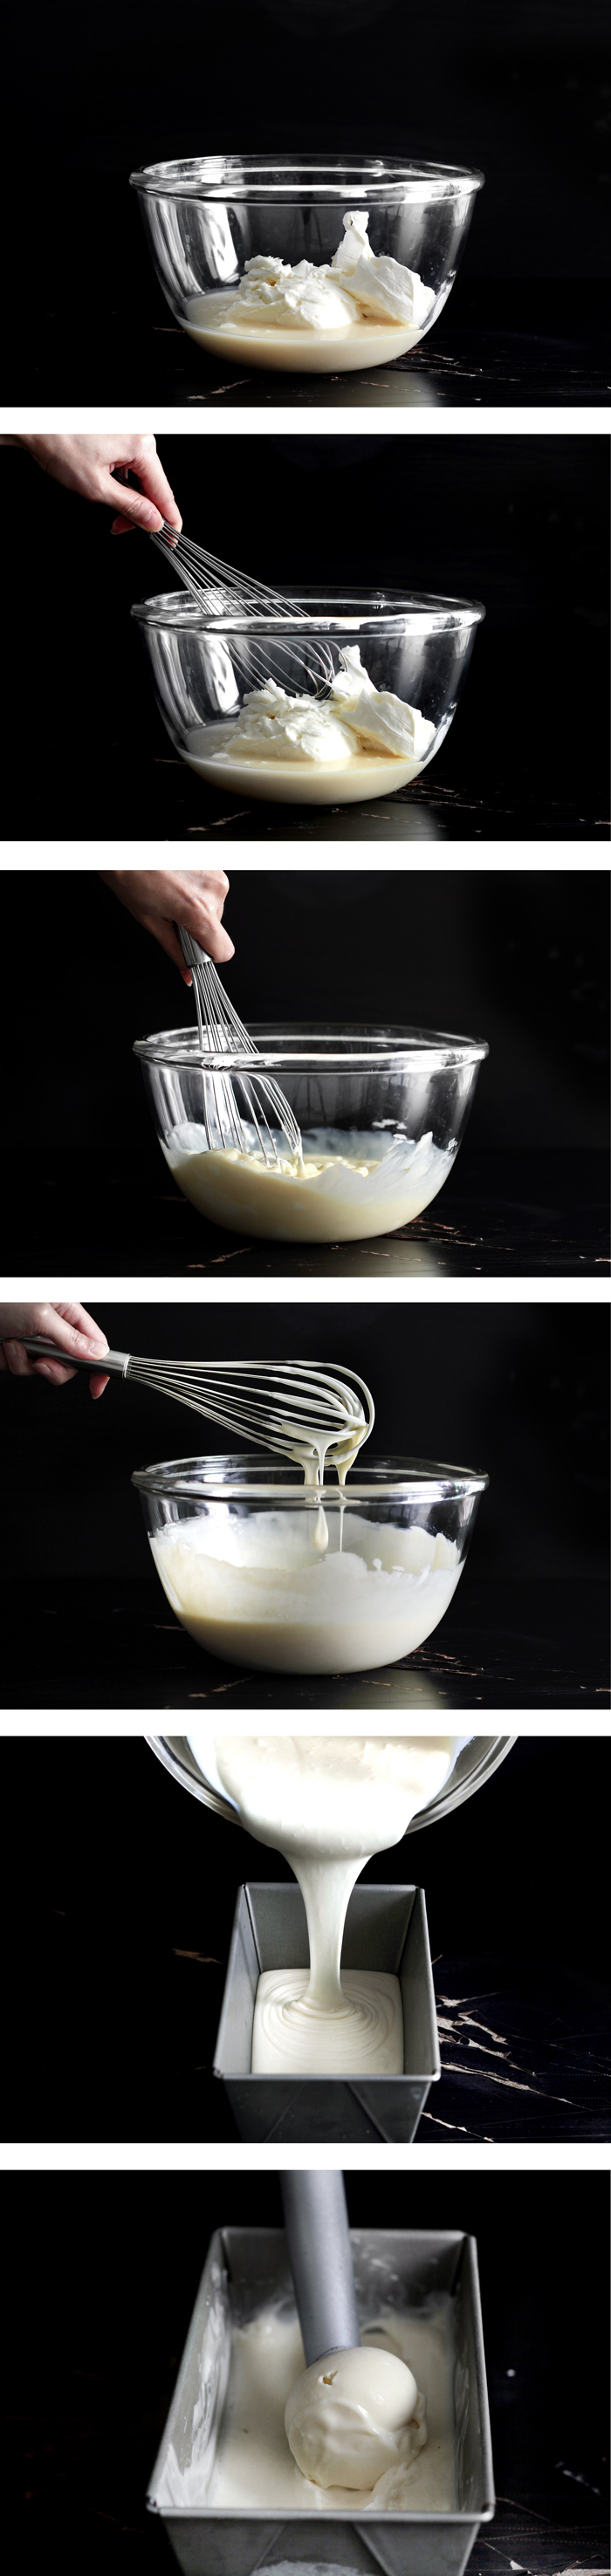 sour-cream-ice-cream011